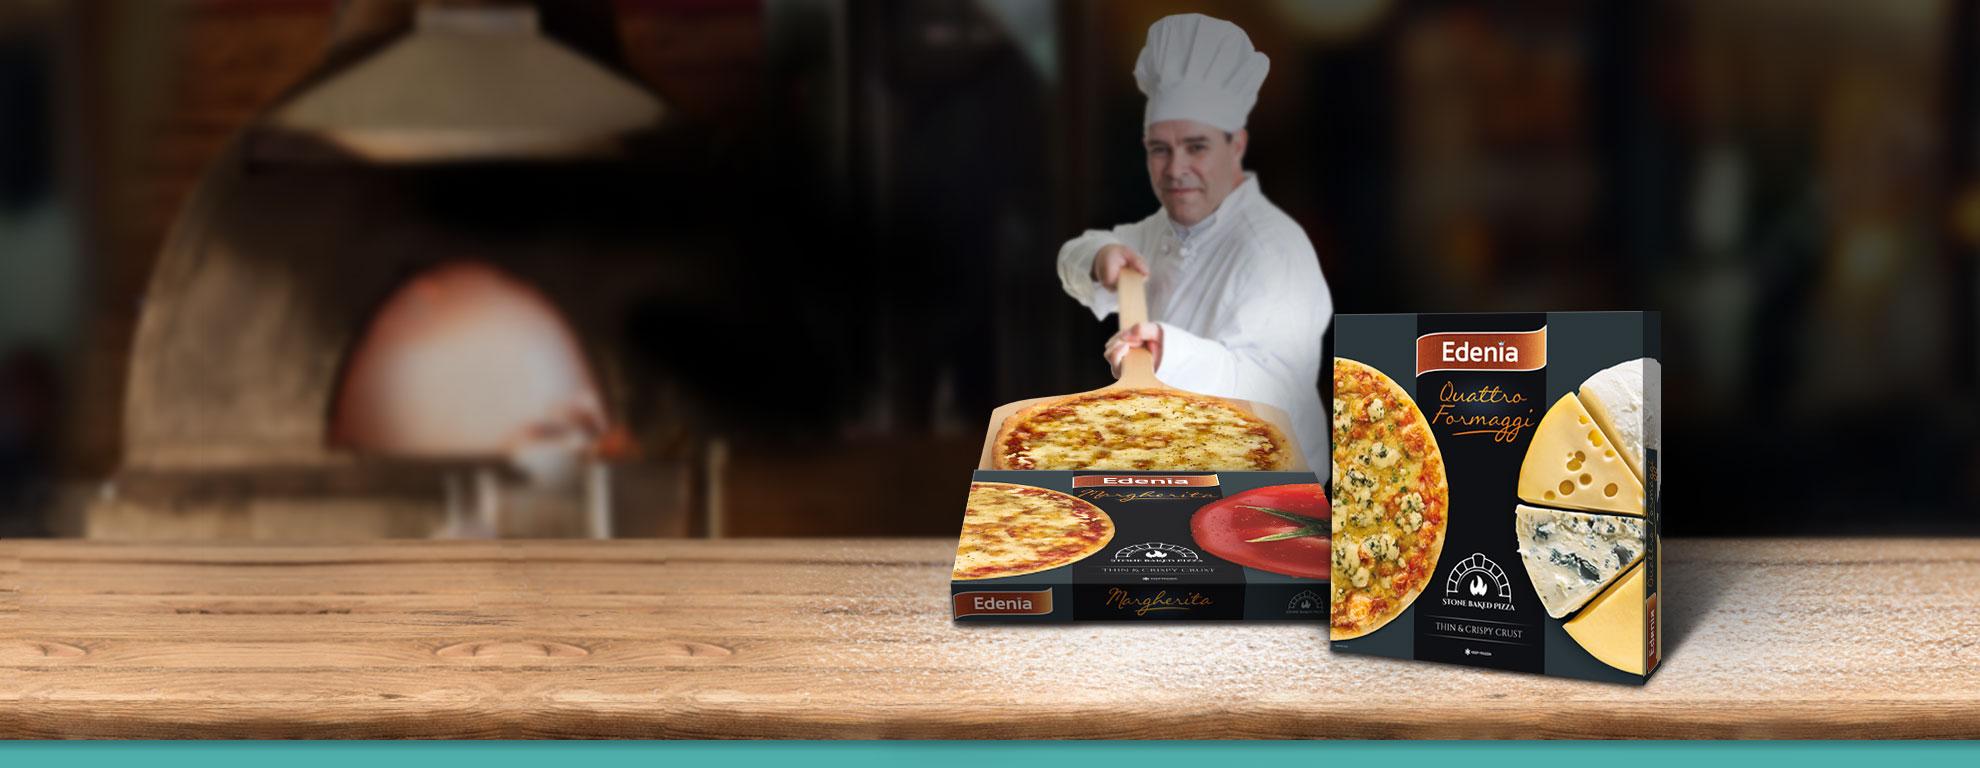 slide_pizza_final